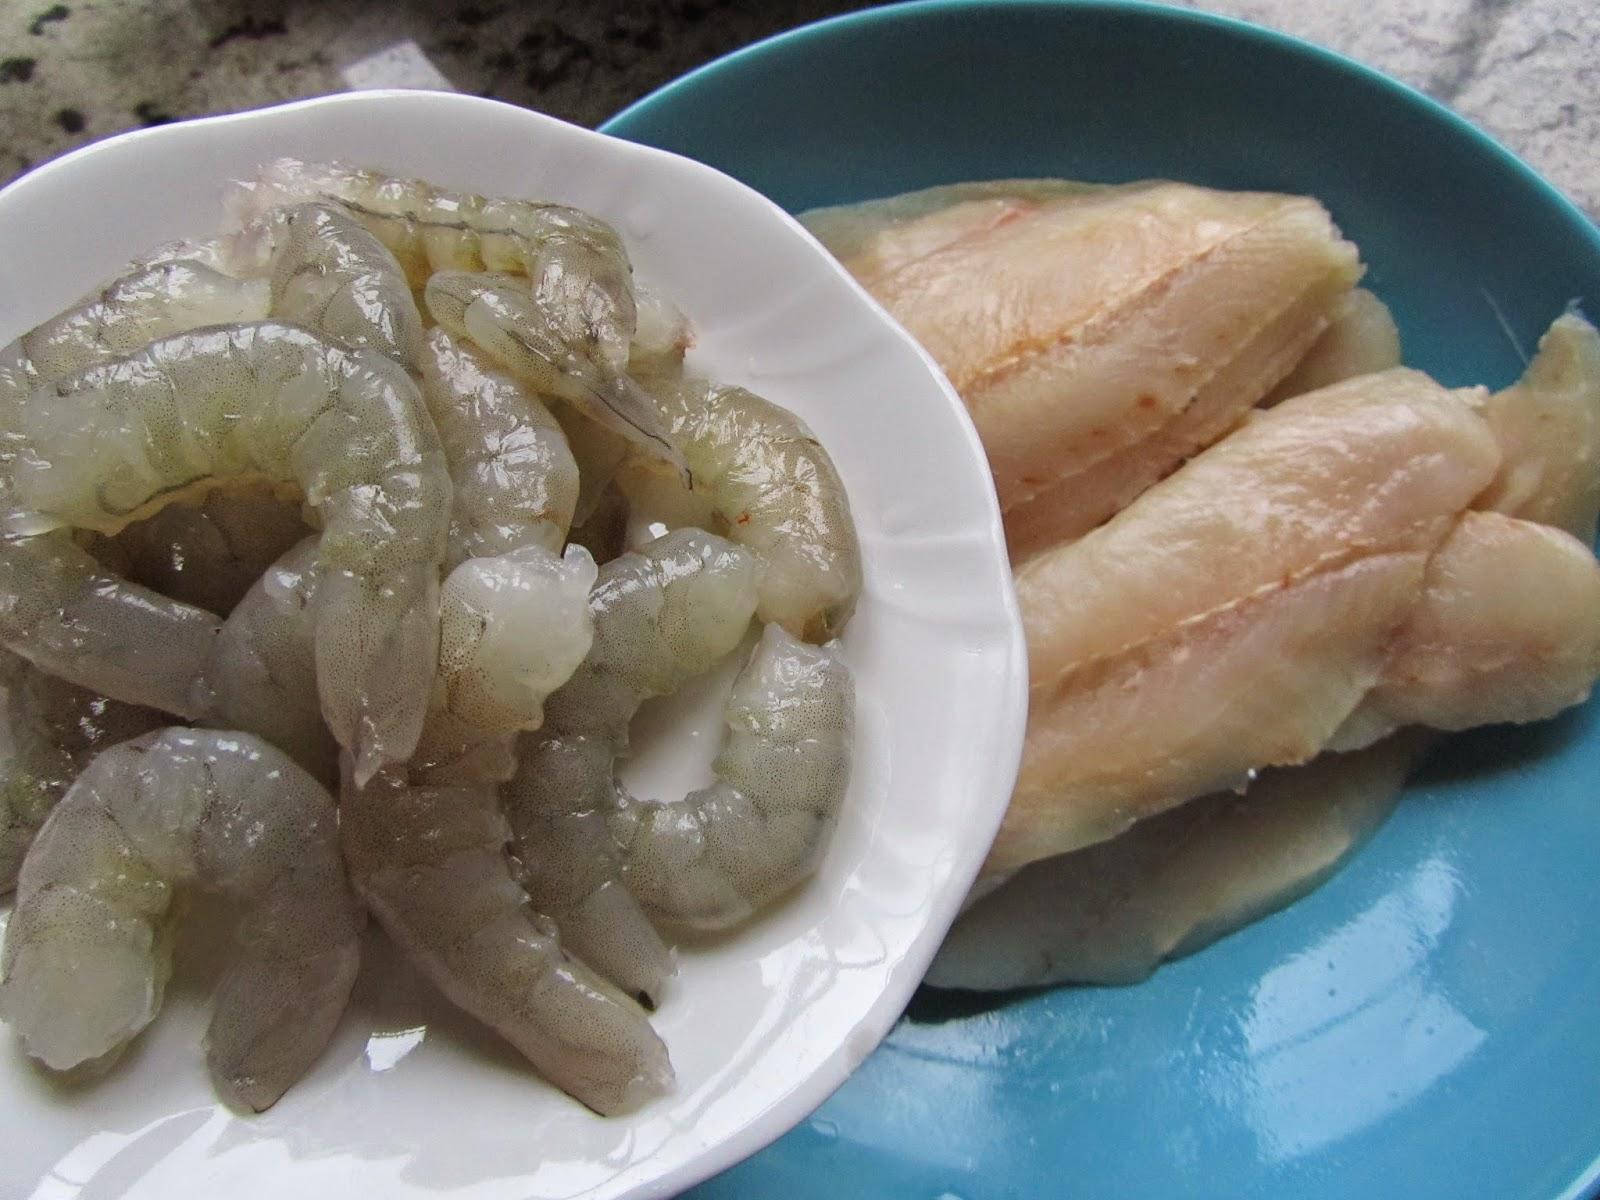 Canelones de merluza y langostinos for Cocinar filetes de merluza